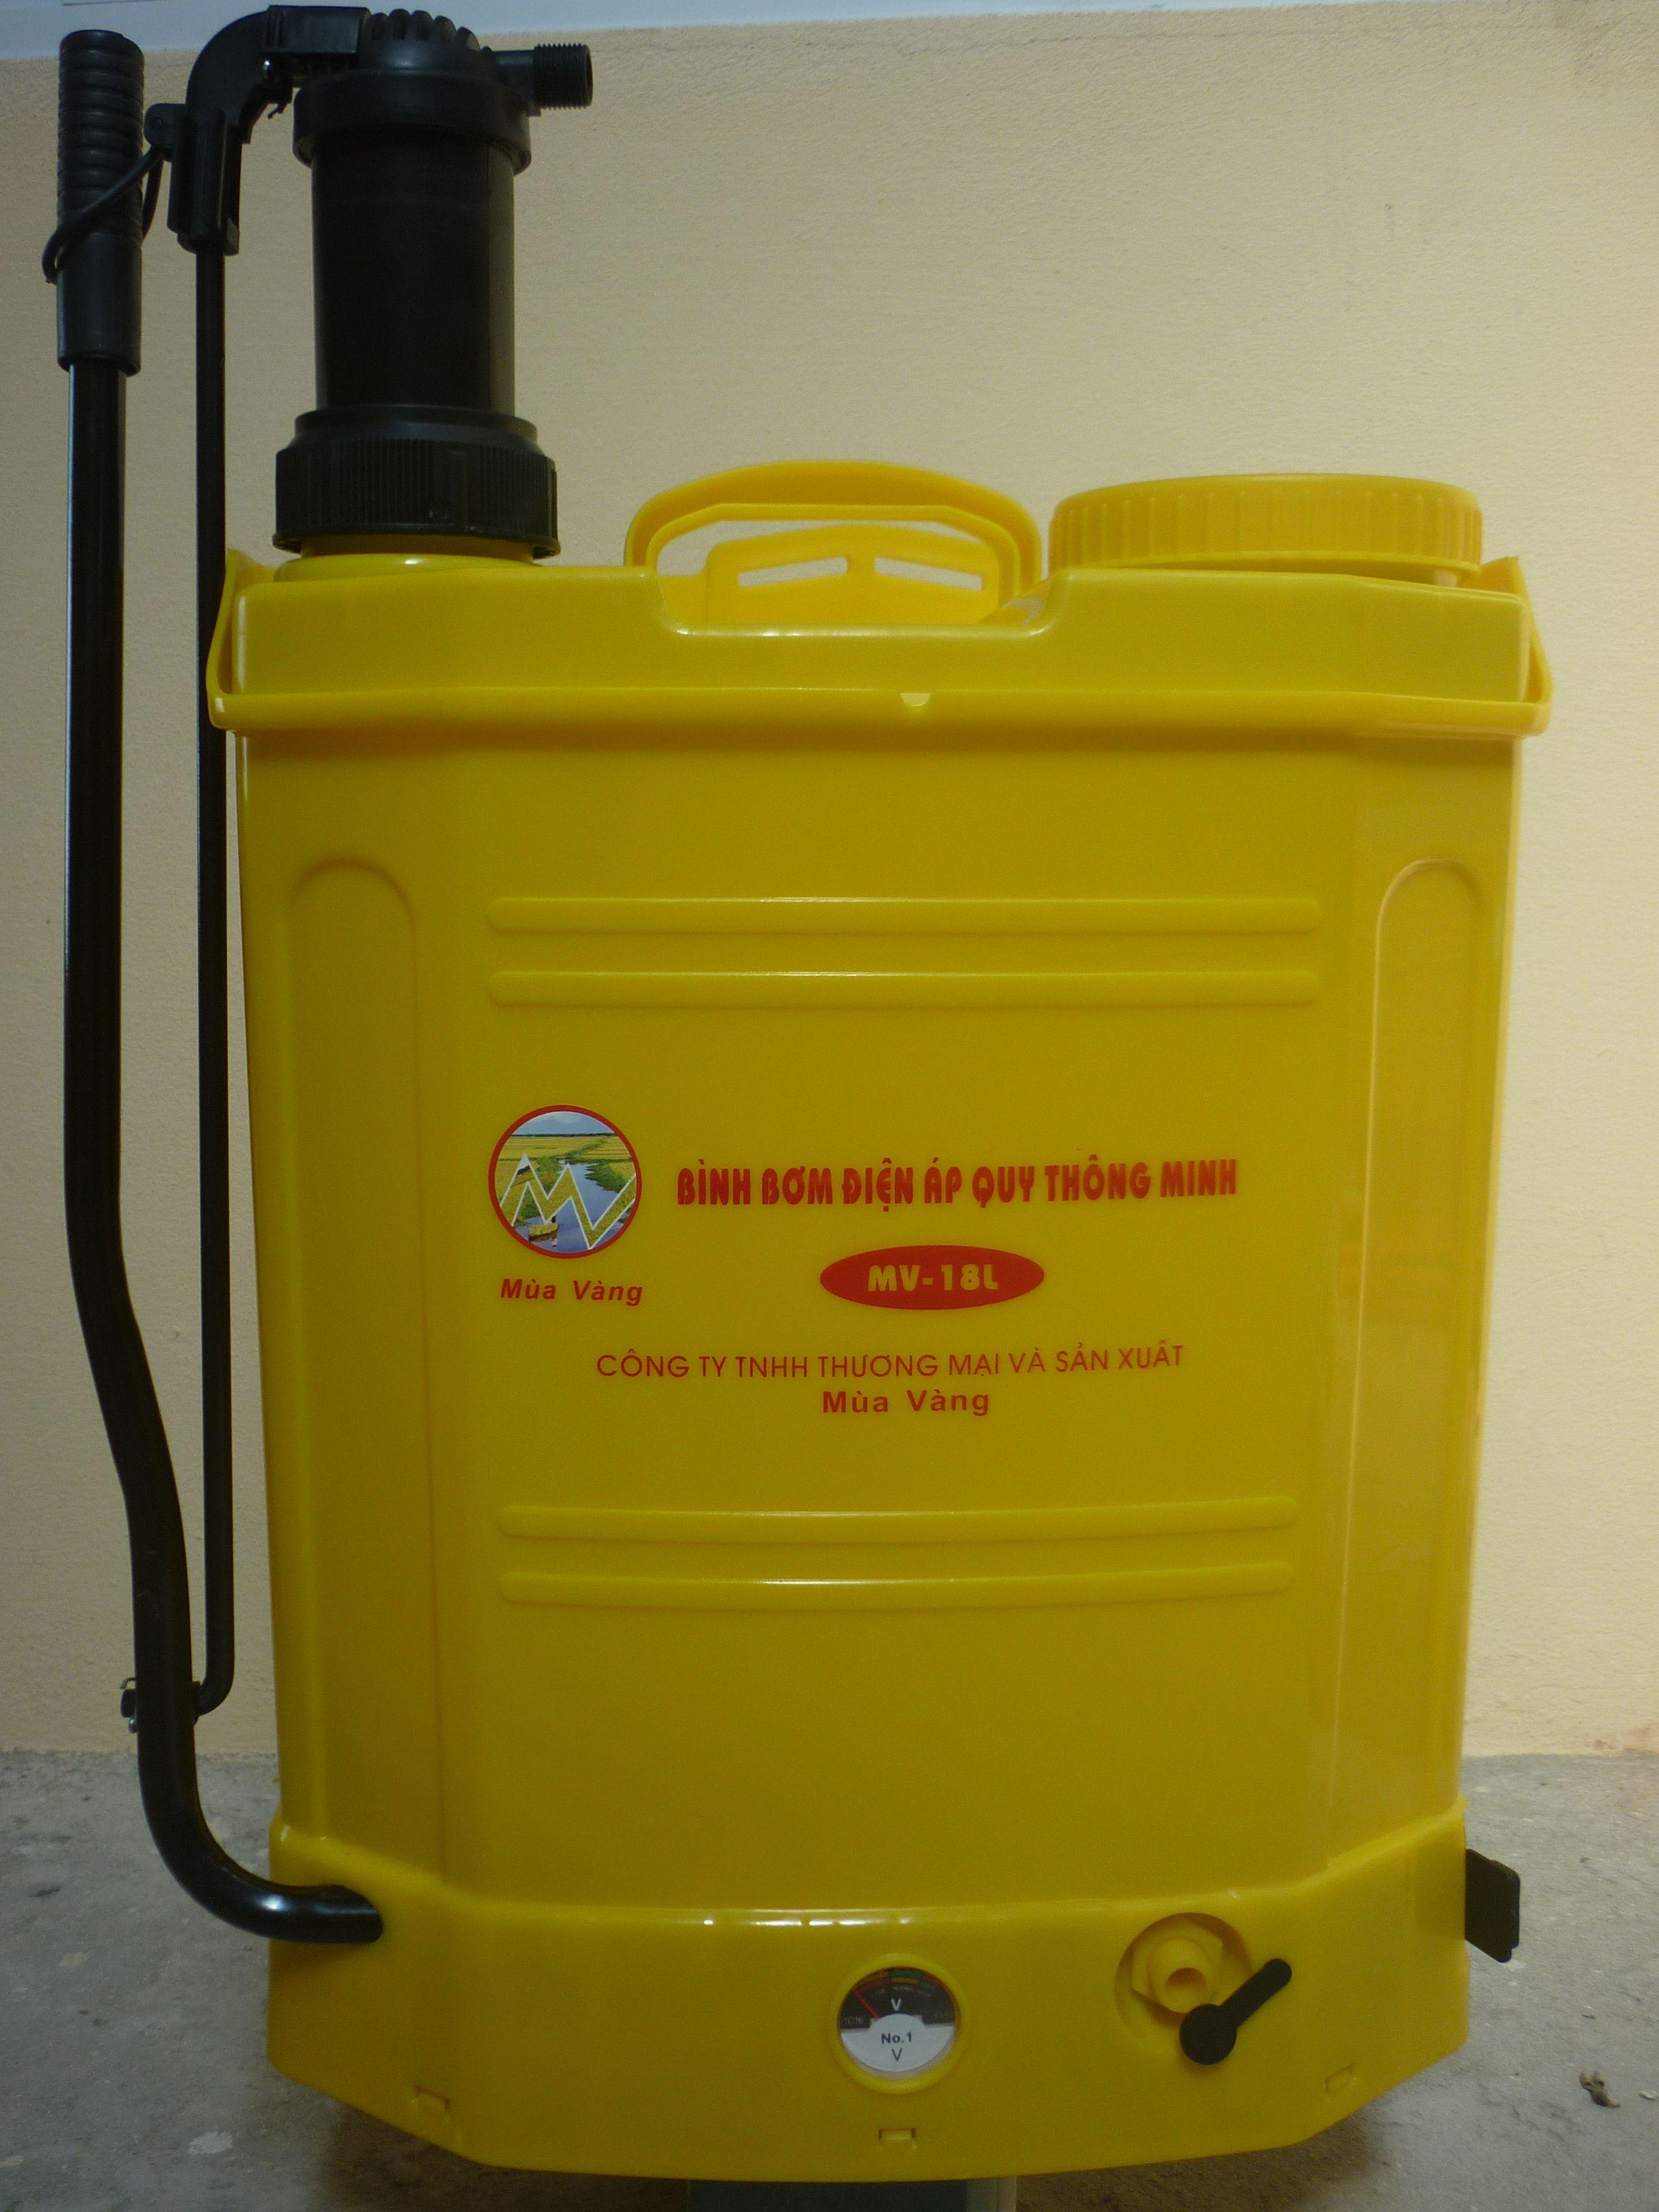 Bình bơm điện áp quy thông minh 1